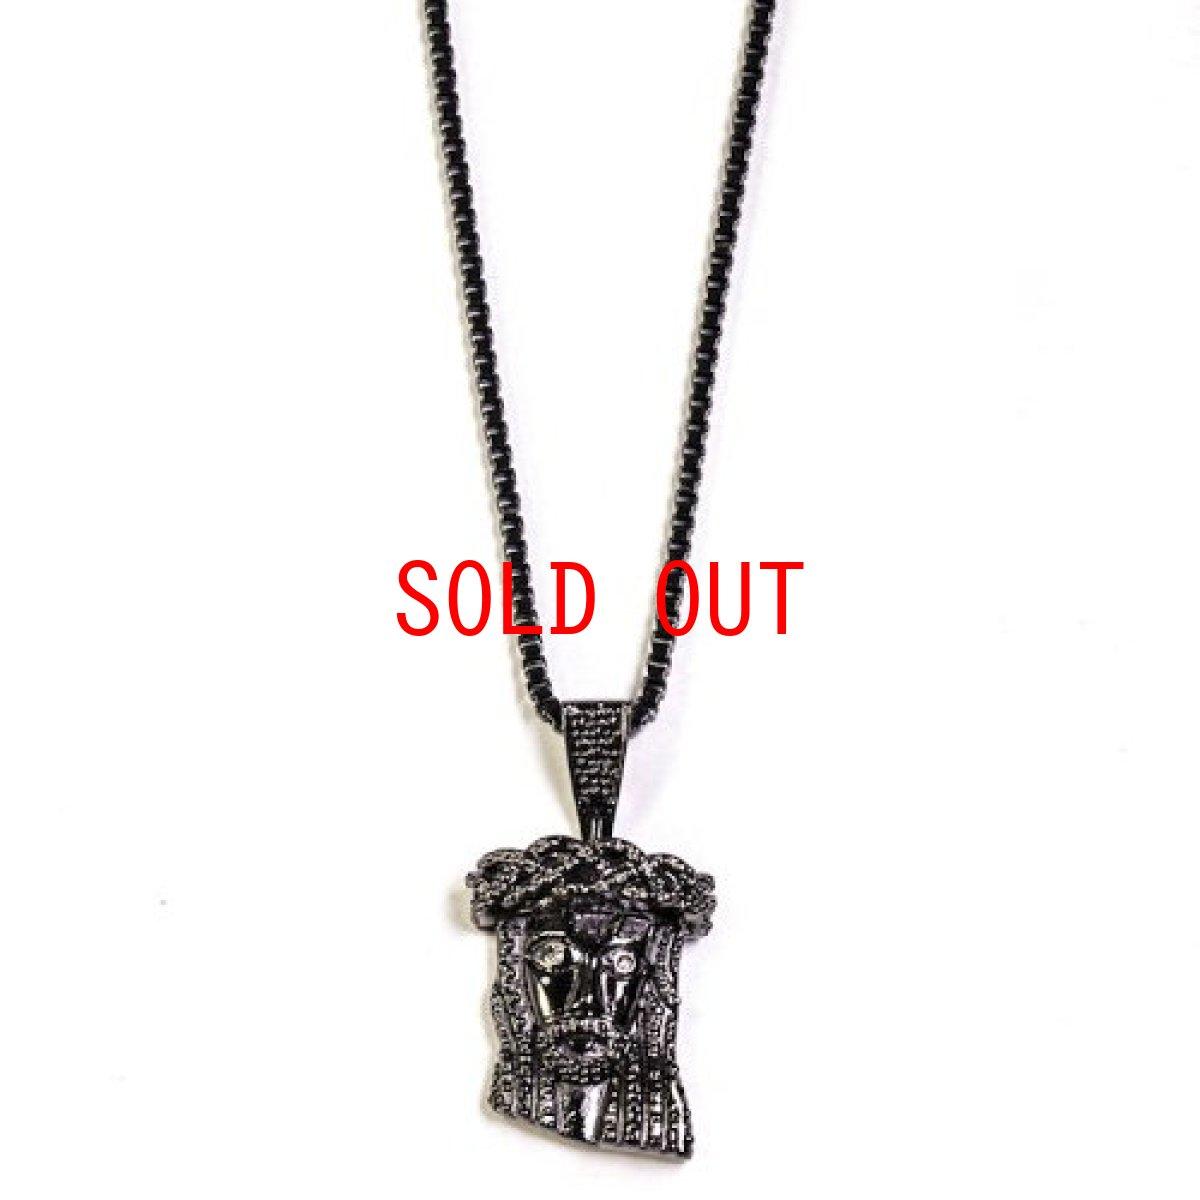 画像1: Golden Gilt(ゴールデン・ギルト) Mini Jesus Chain Gun Black Necklace ネックレス ブラック 64cm jewelry ジーザス チェーン (1)